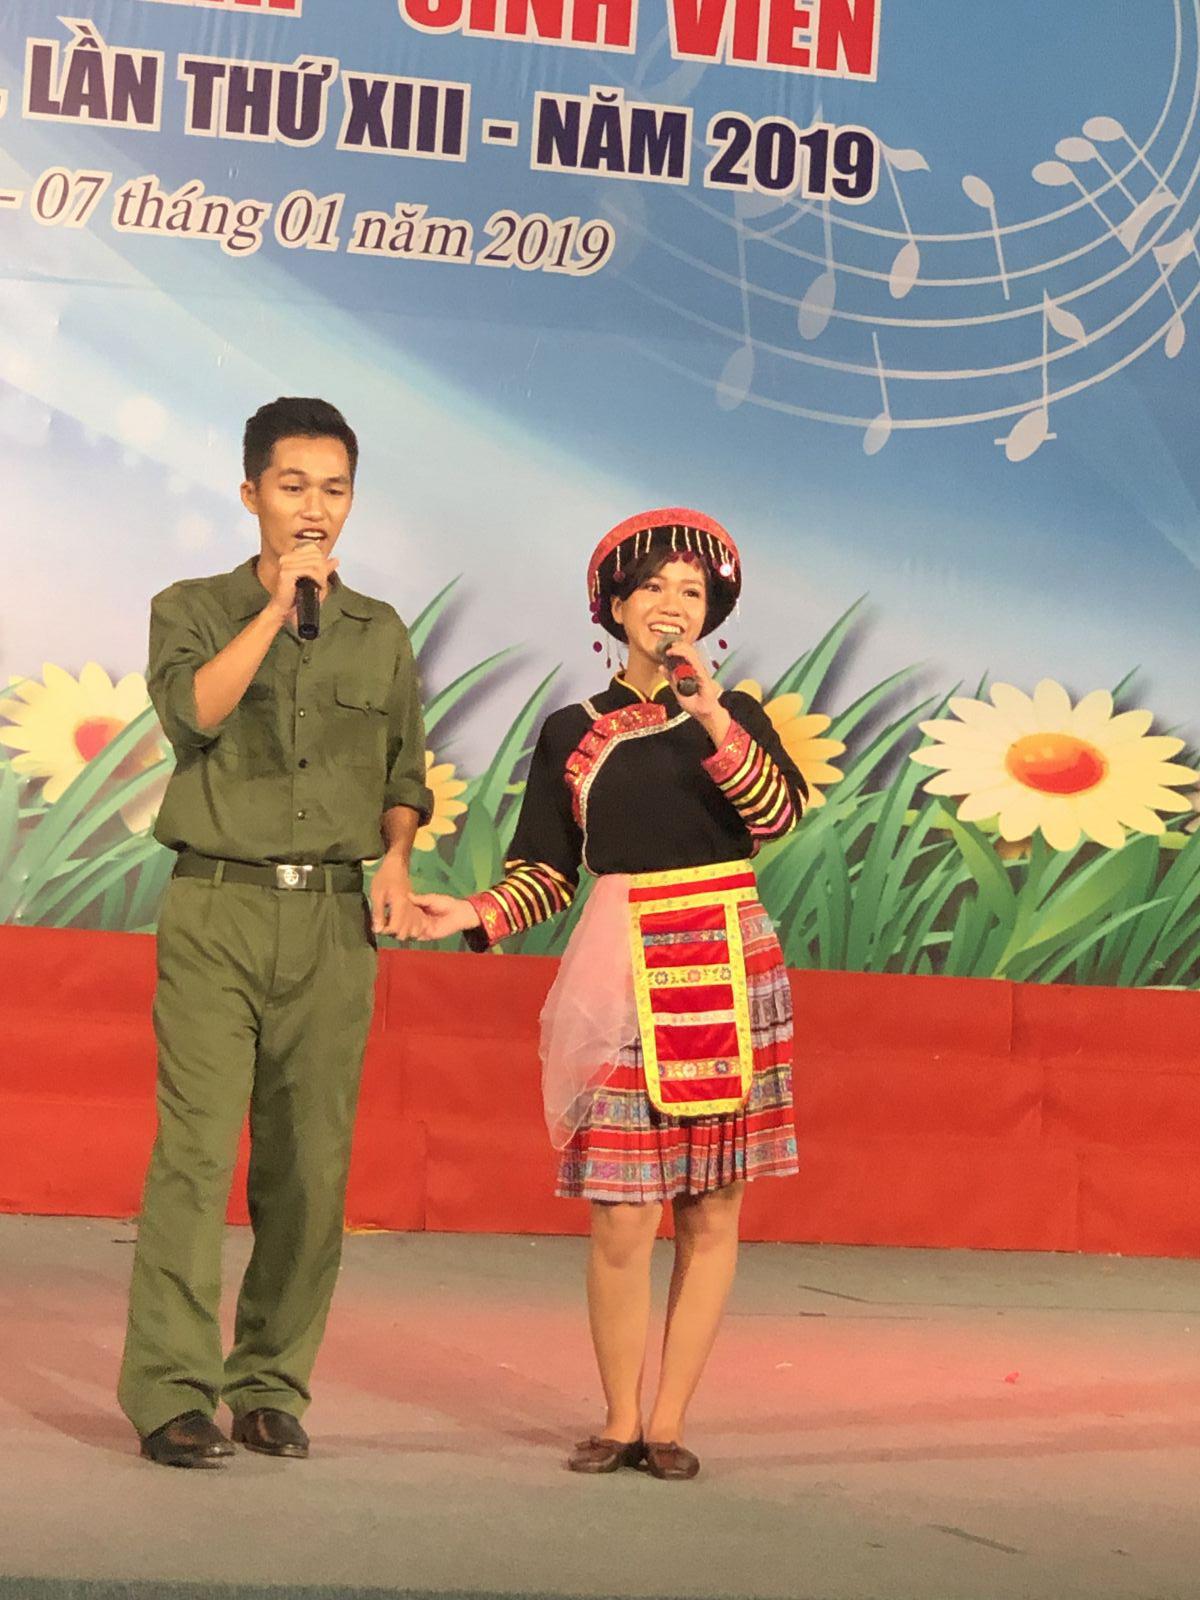 Tình cảm quân-dân được thể hiện trong tiết mục song ca đậm chất trữ tình của đơn vị Trường Cao đẳng Cần Thơ.